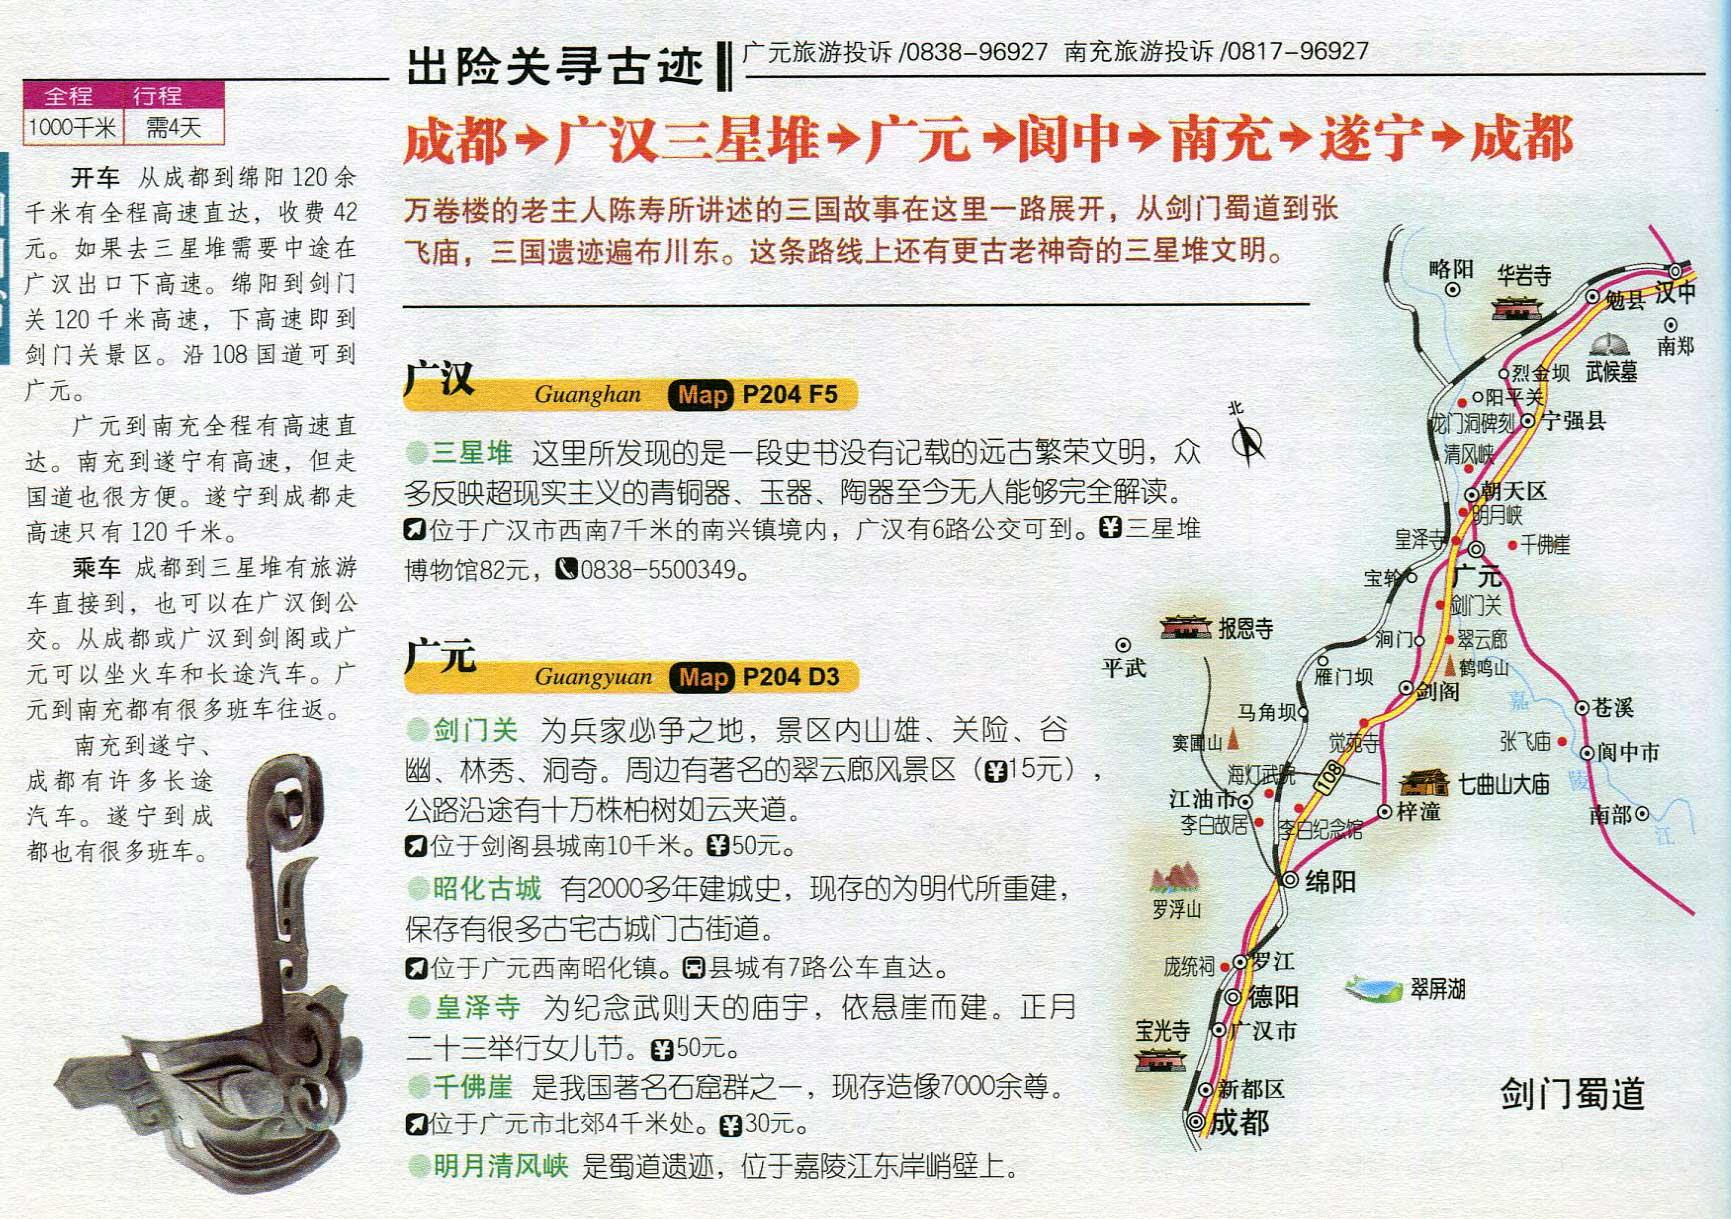 四川旅游线路图_出险关寻古迹_四川旅游地图